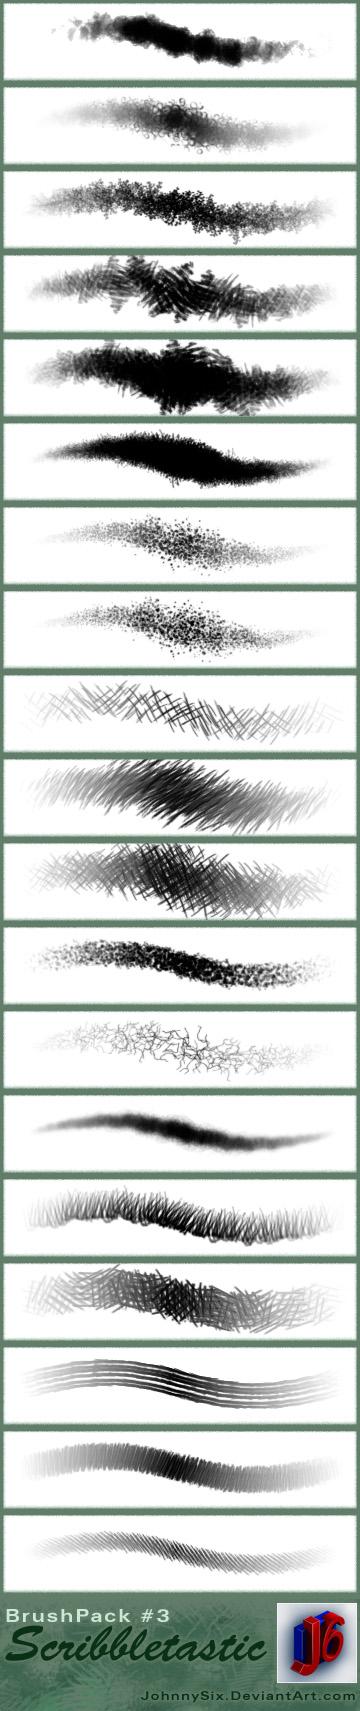 Scribbletastic brush pack